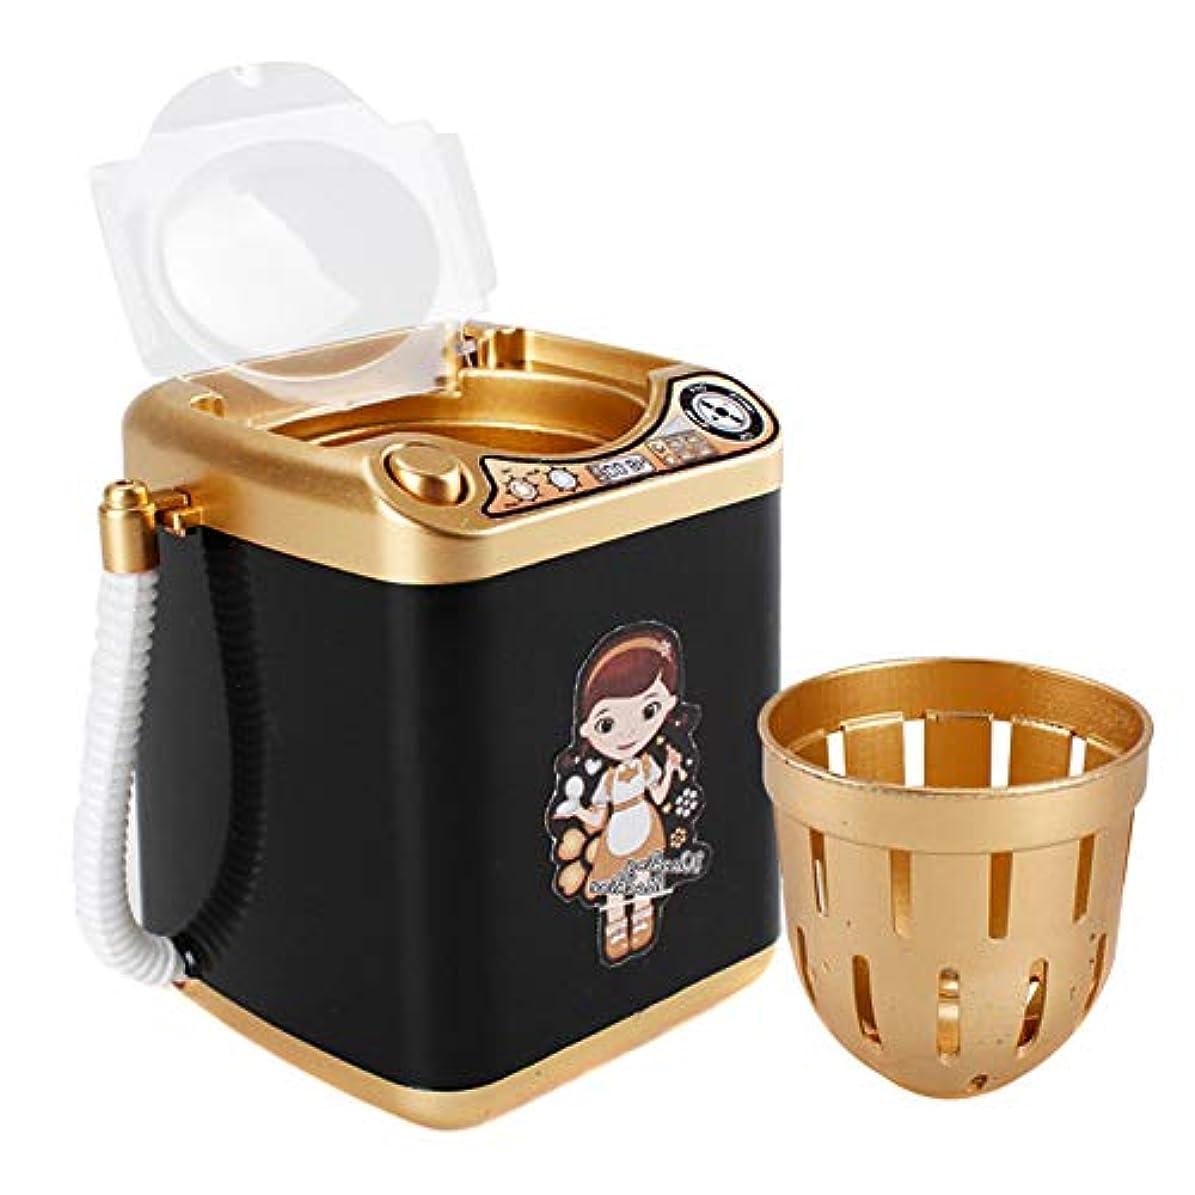 資金著名な告発Aylincool  ミニ多機能子供洗濯機のおもちゃ美容スポンジブラシワッシャー